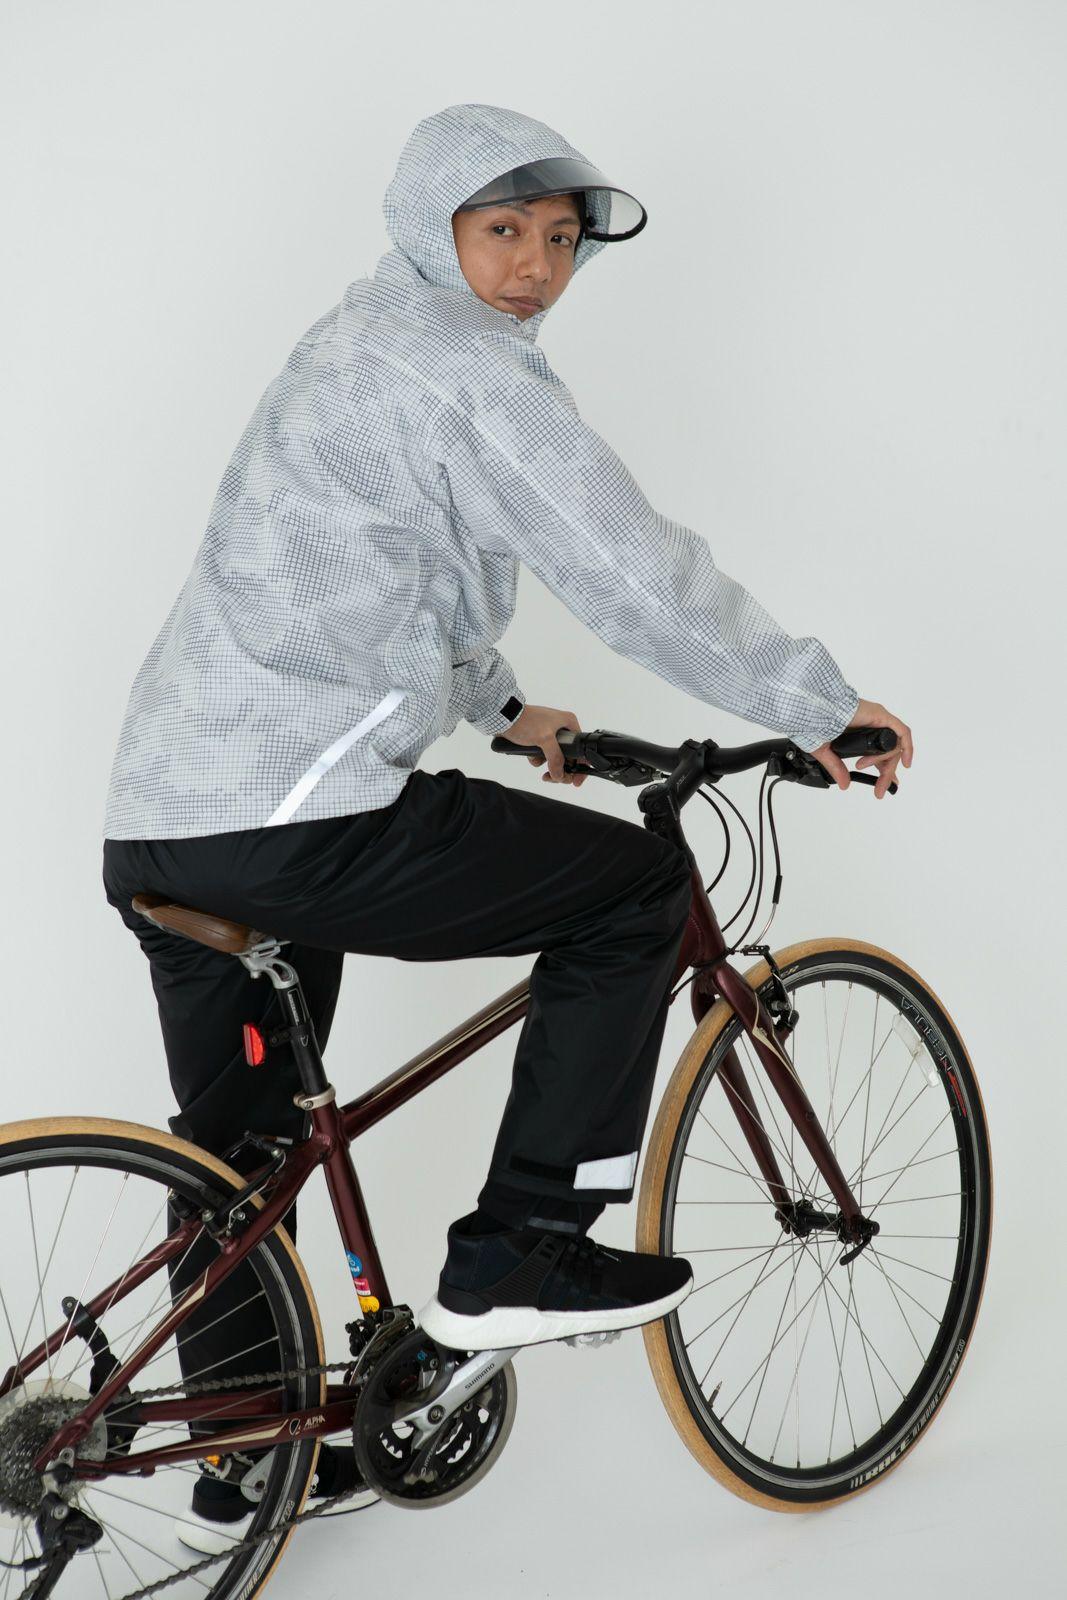 [男性モデルのサイズ]身長:174cm 着用サイズ:L詳細:着用イメージ 自転車